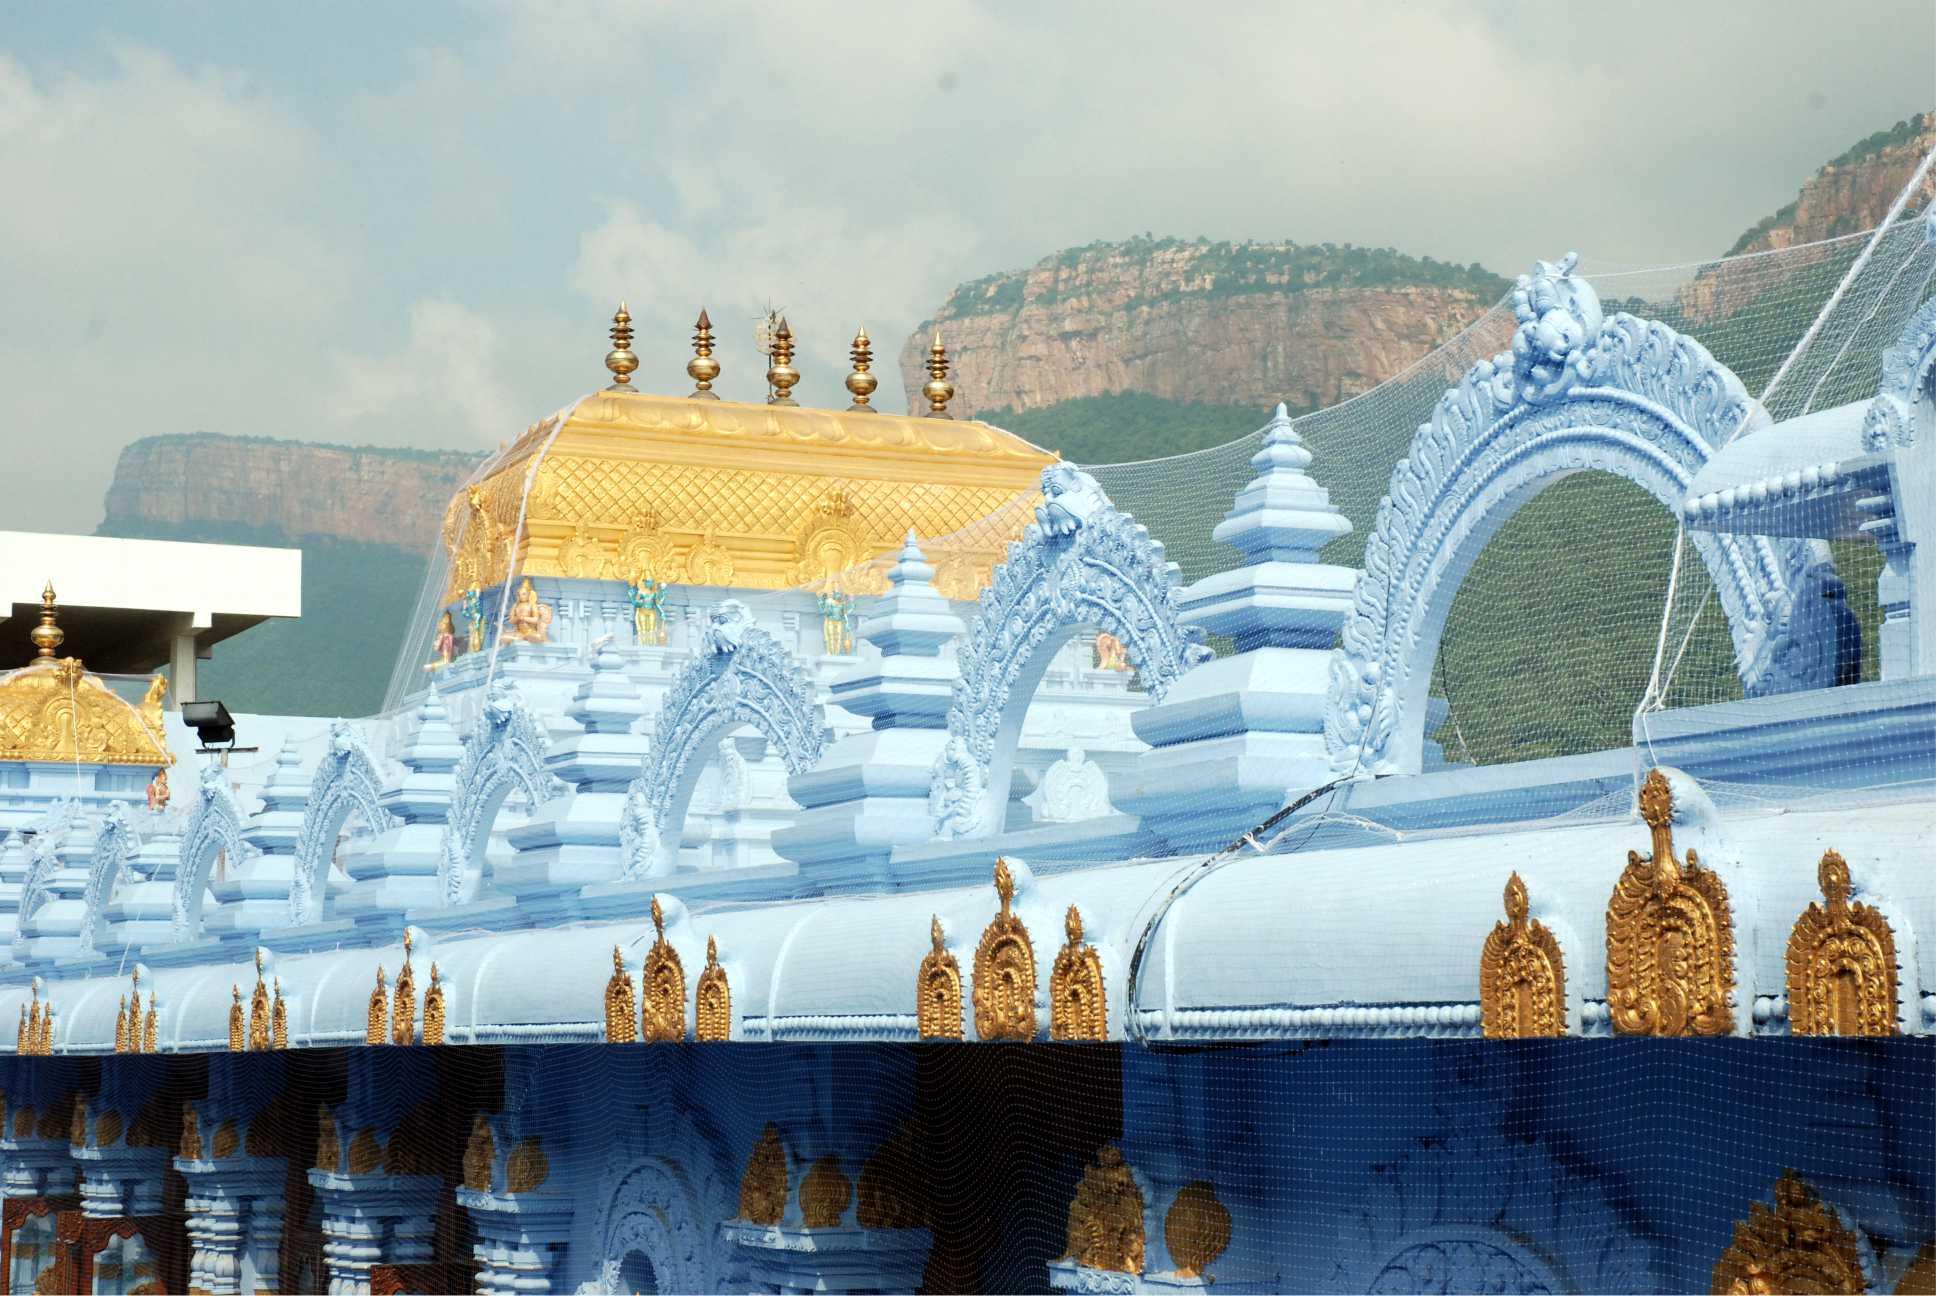 Az aranyszínű kupola jelzi a főoltár helyét. A tetőt burkoló háló a galamboktól védi a tetőt, több-kevesebb sikerrel.